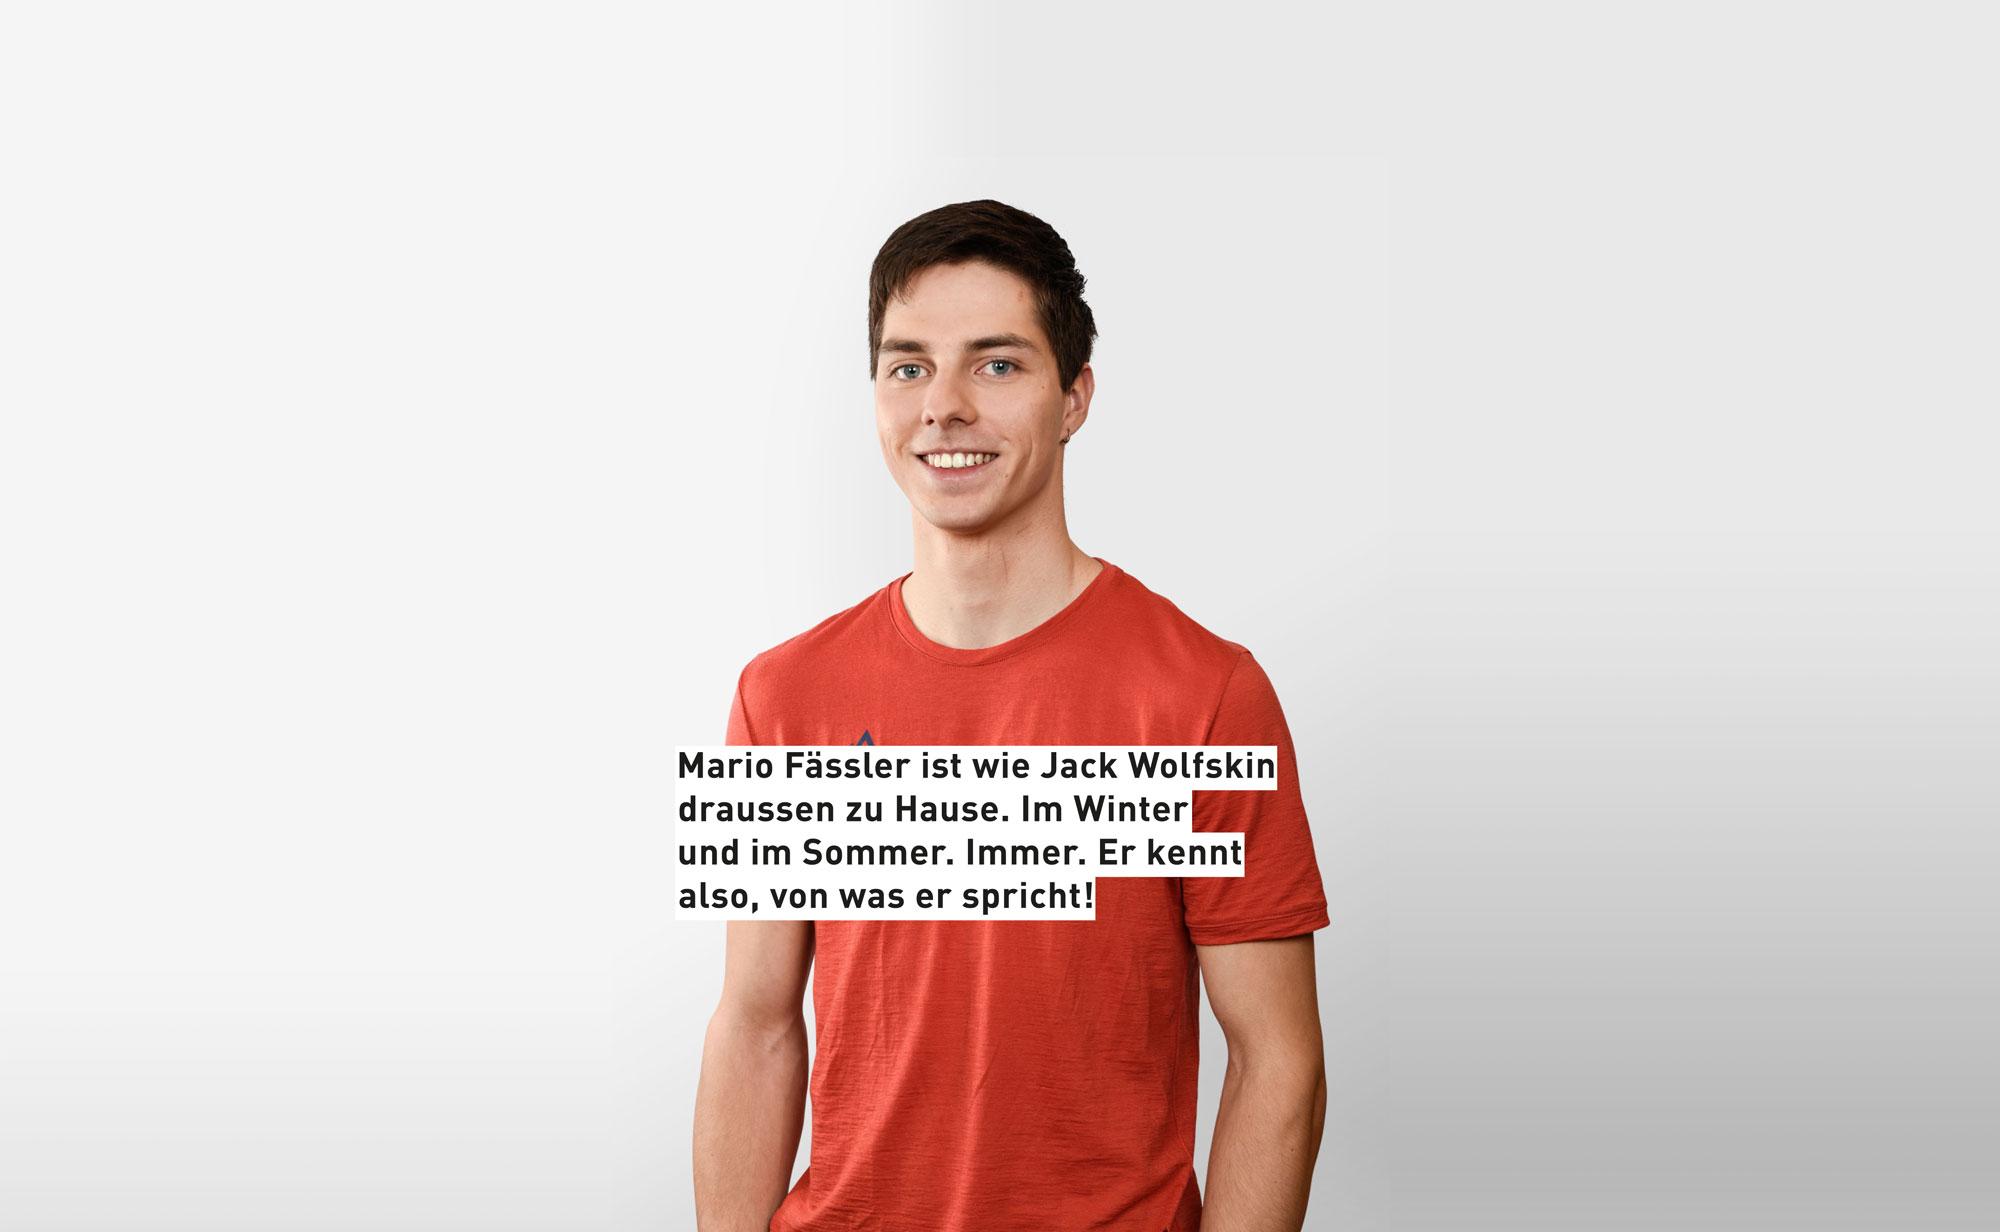 Mario Fässler